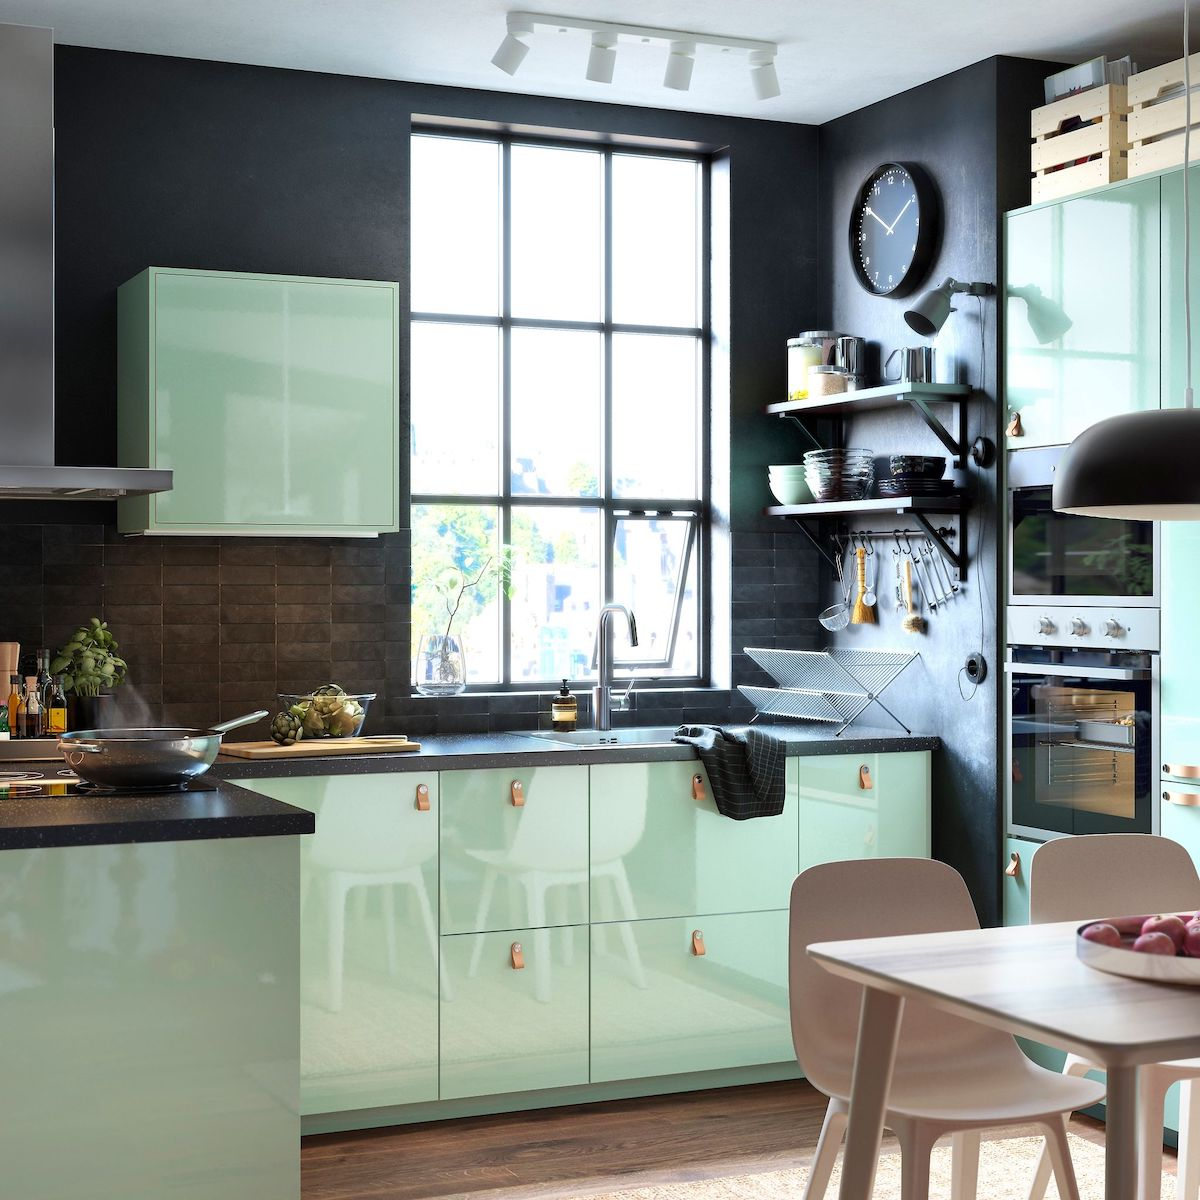 cuisine contemporaine mur noir mobilier vert d'eau sol parquet bois blog déco clematc